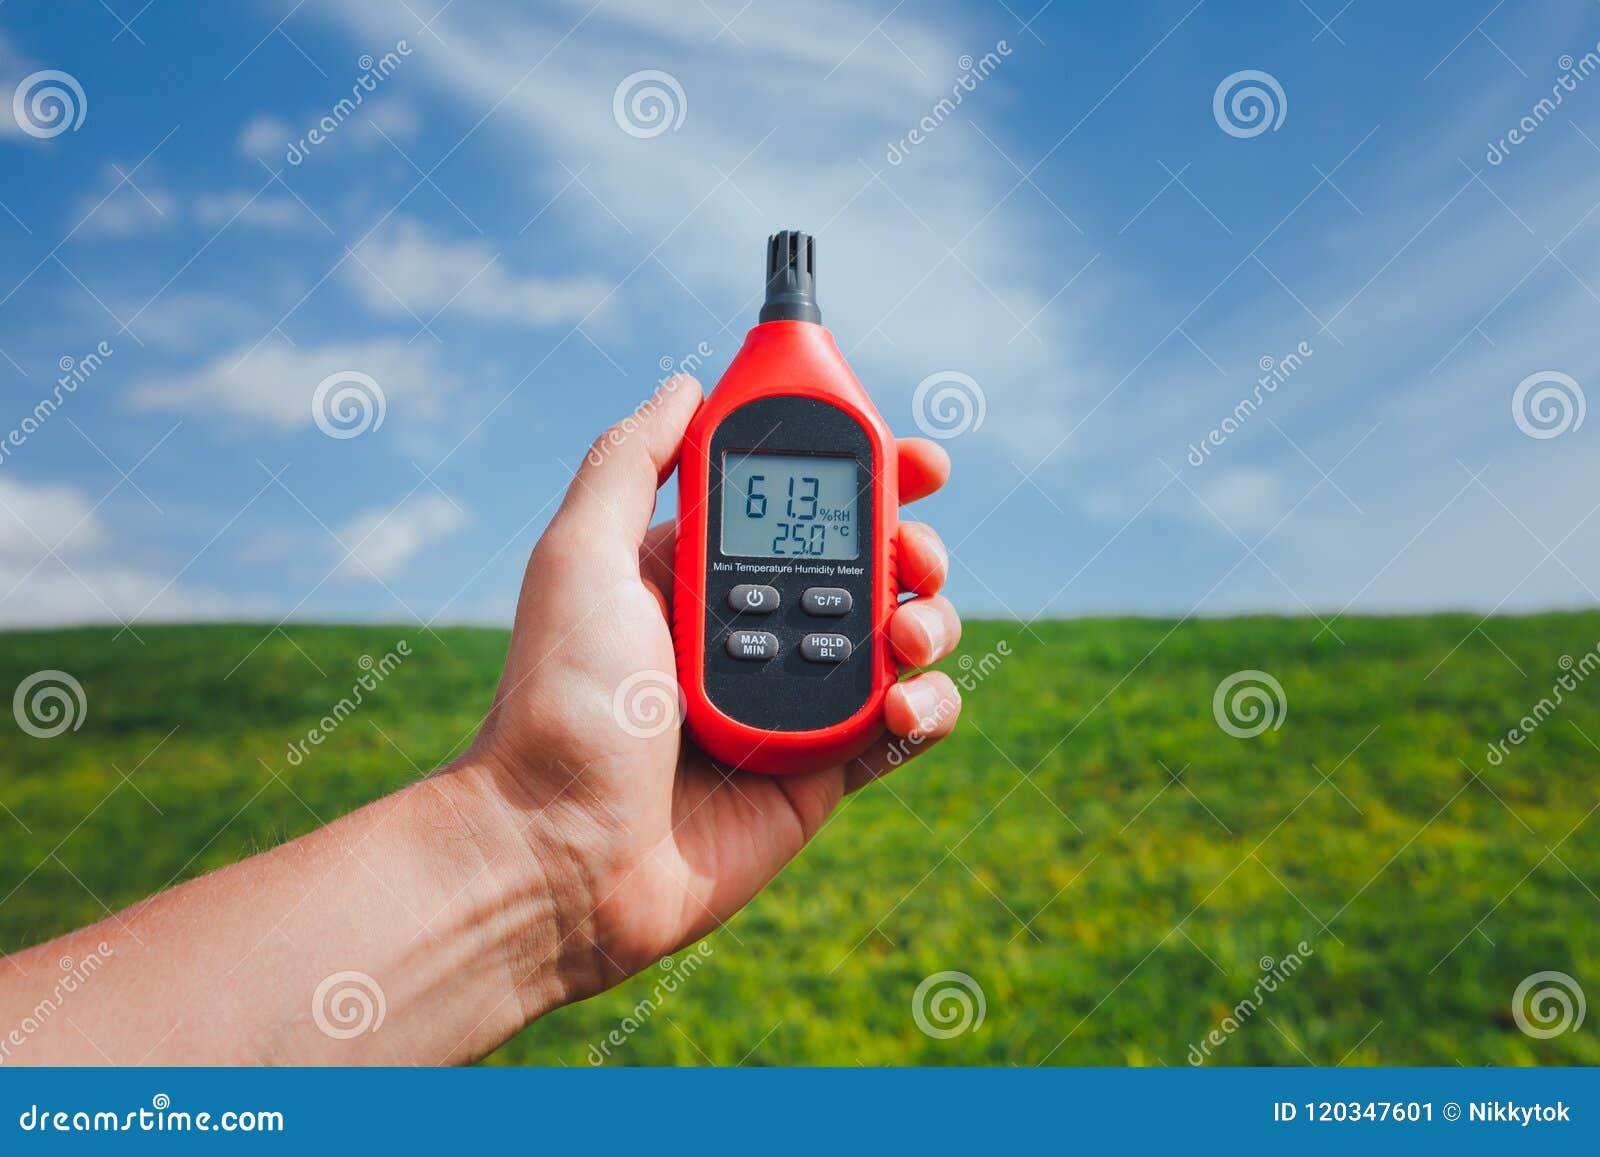 Thermomètre portatif à disposition mesurant la température de l air et l humidité extérieures